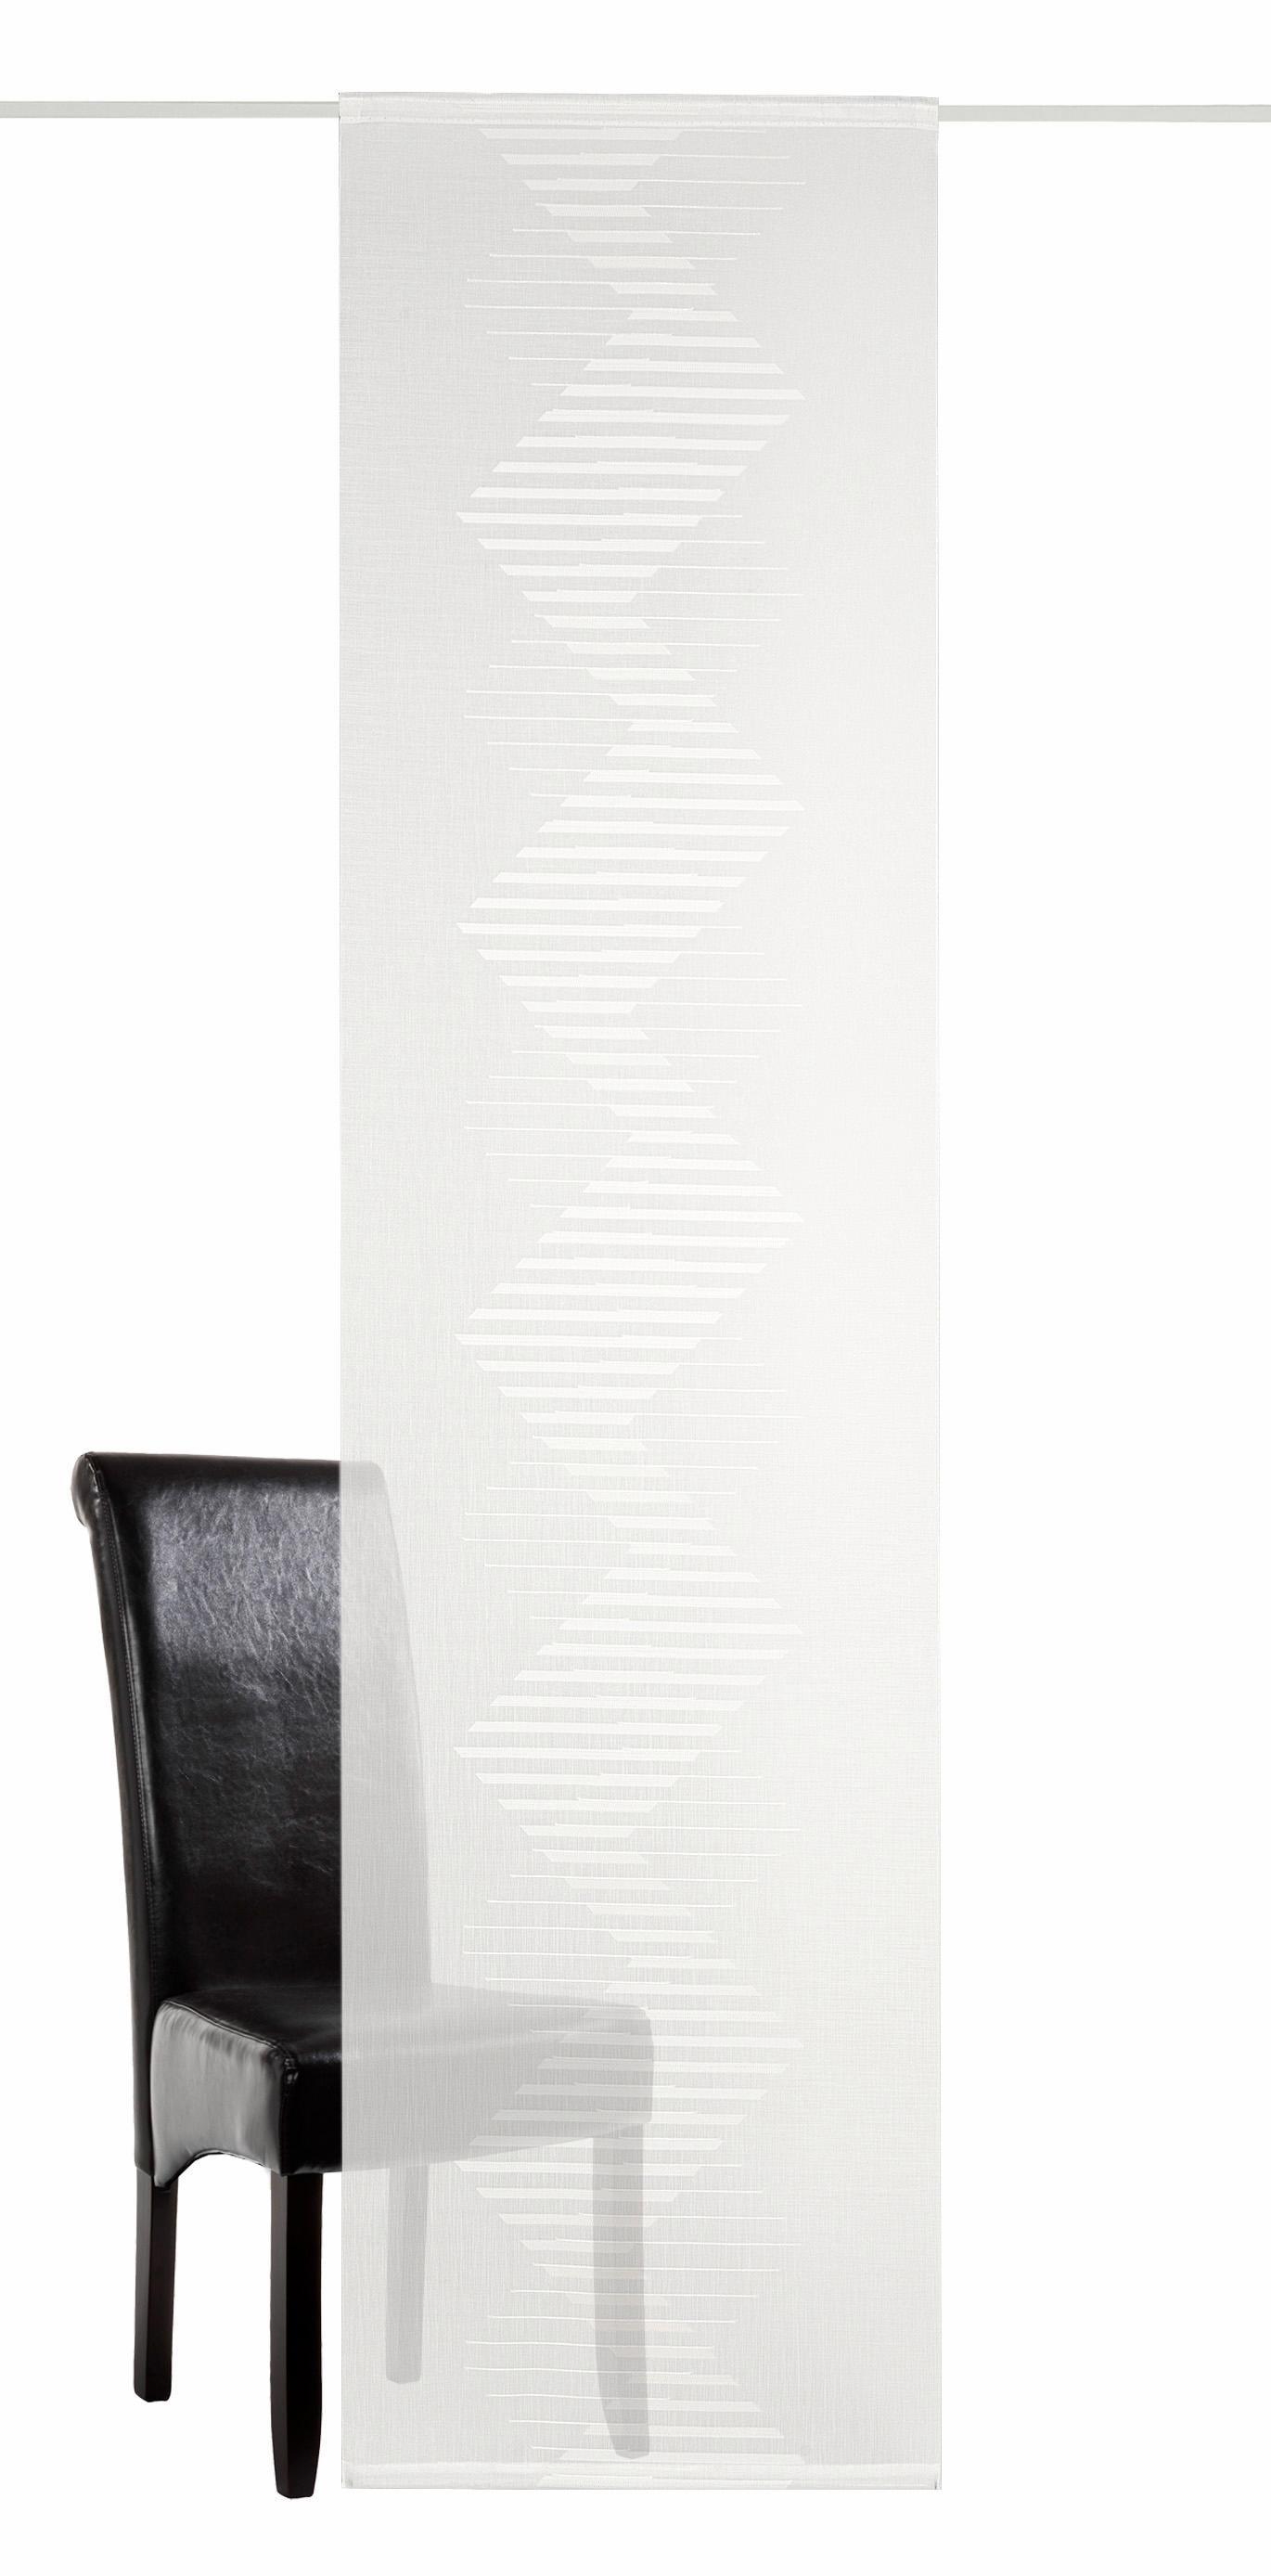 Schiebegardine Mika DEKO TRENDS Klettband 1 Stück | Heimtextilien > Gardinen und Vorhänge > Schiebegardinen und Schiebevorhänge | Weiß | Deko Trends